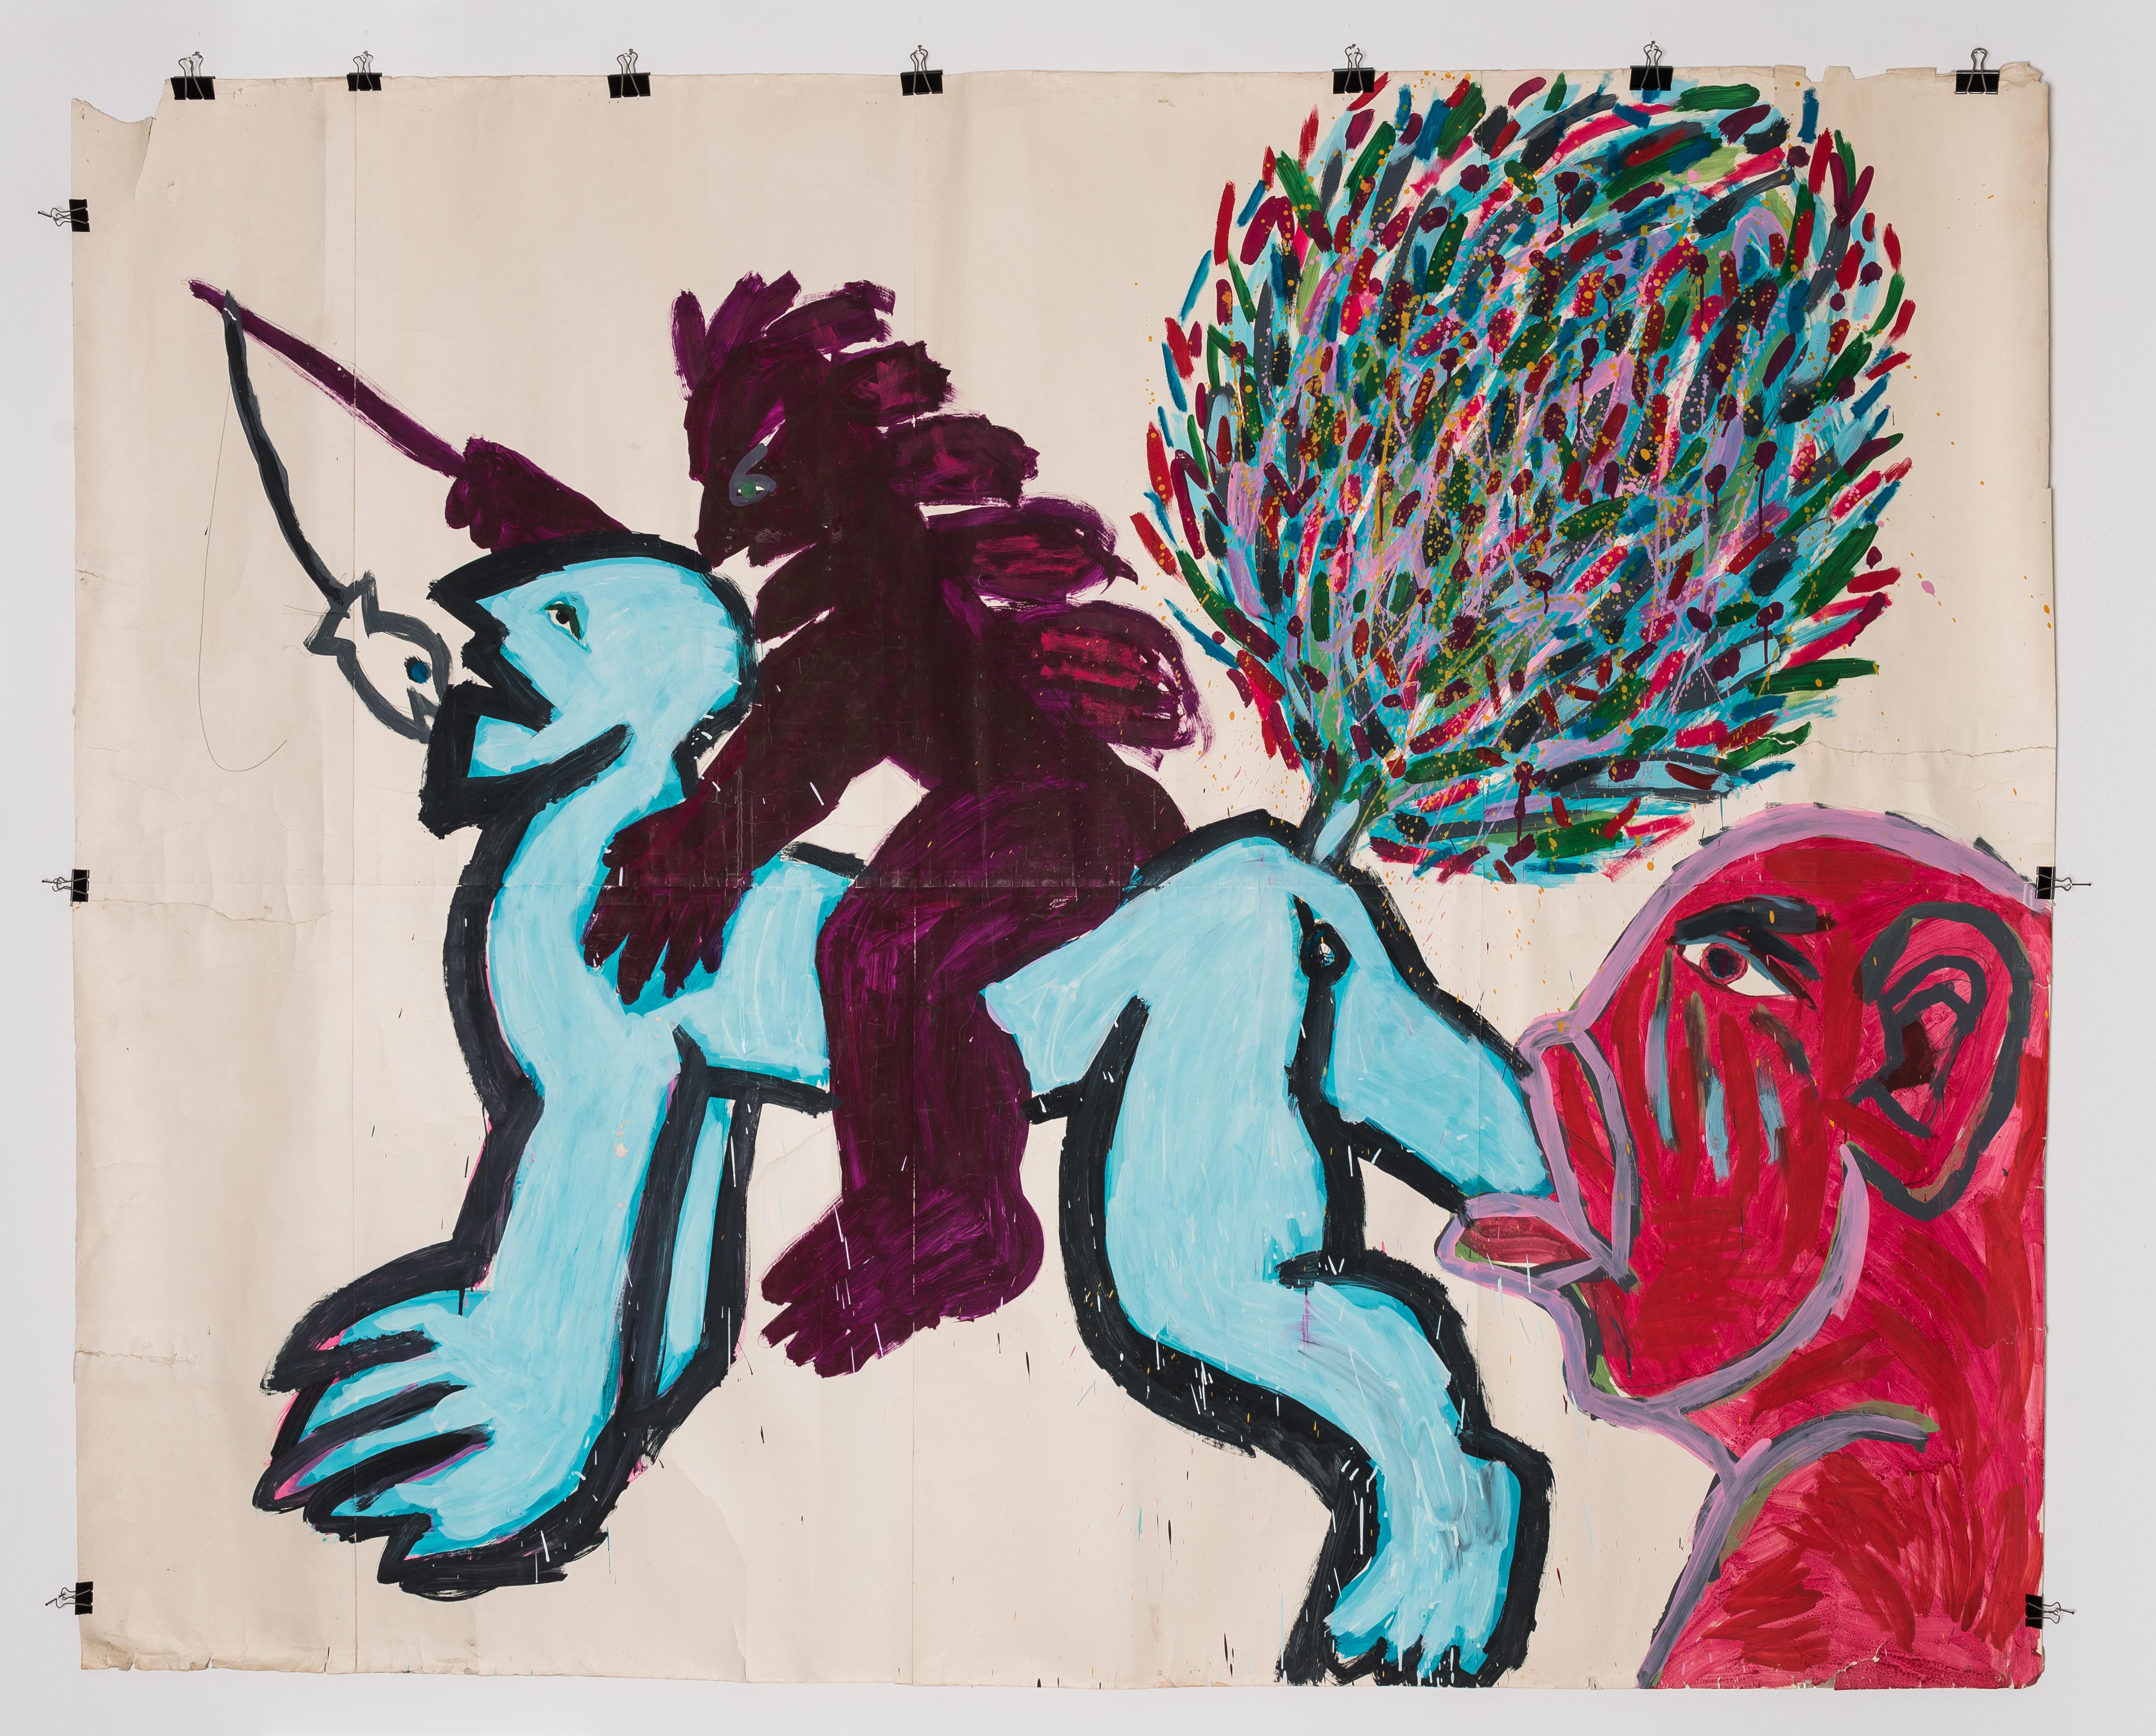 Gruppa: Ryszard Grzyb, Pocałunek wodbyt grześnika (zakcji wDziekance), 1986